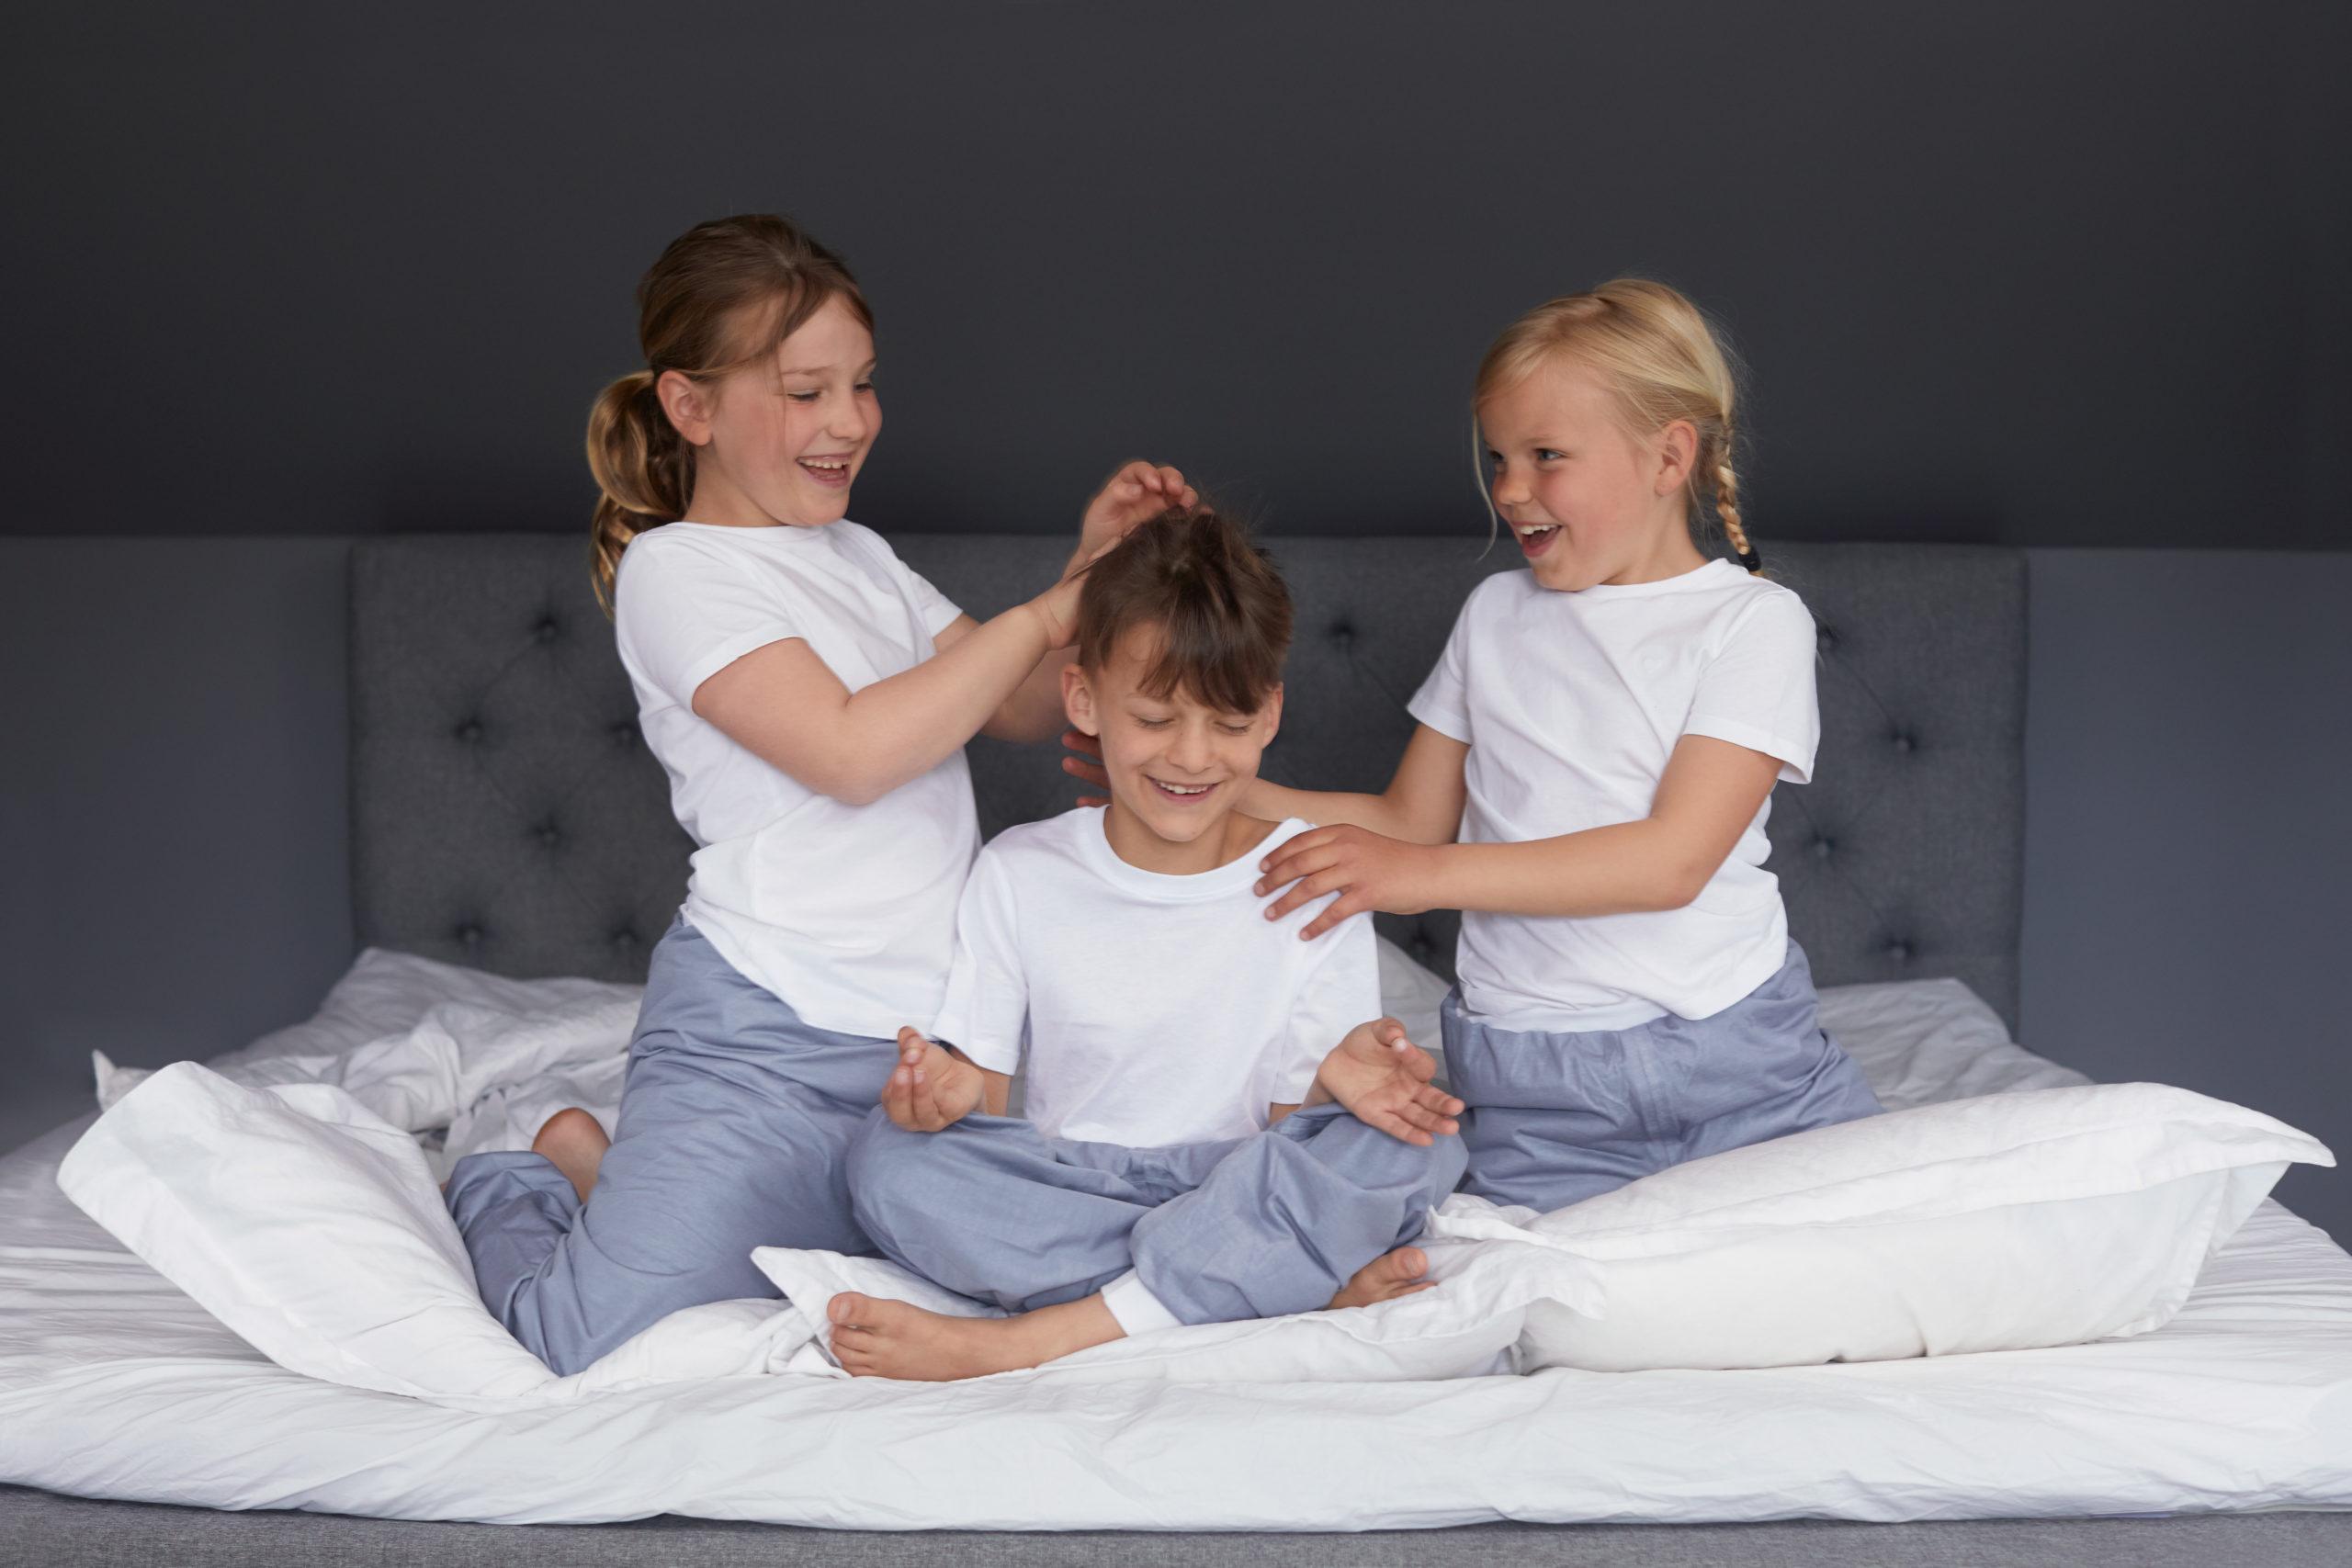 Pjama Bedwetting Pants